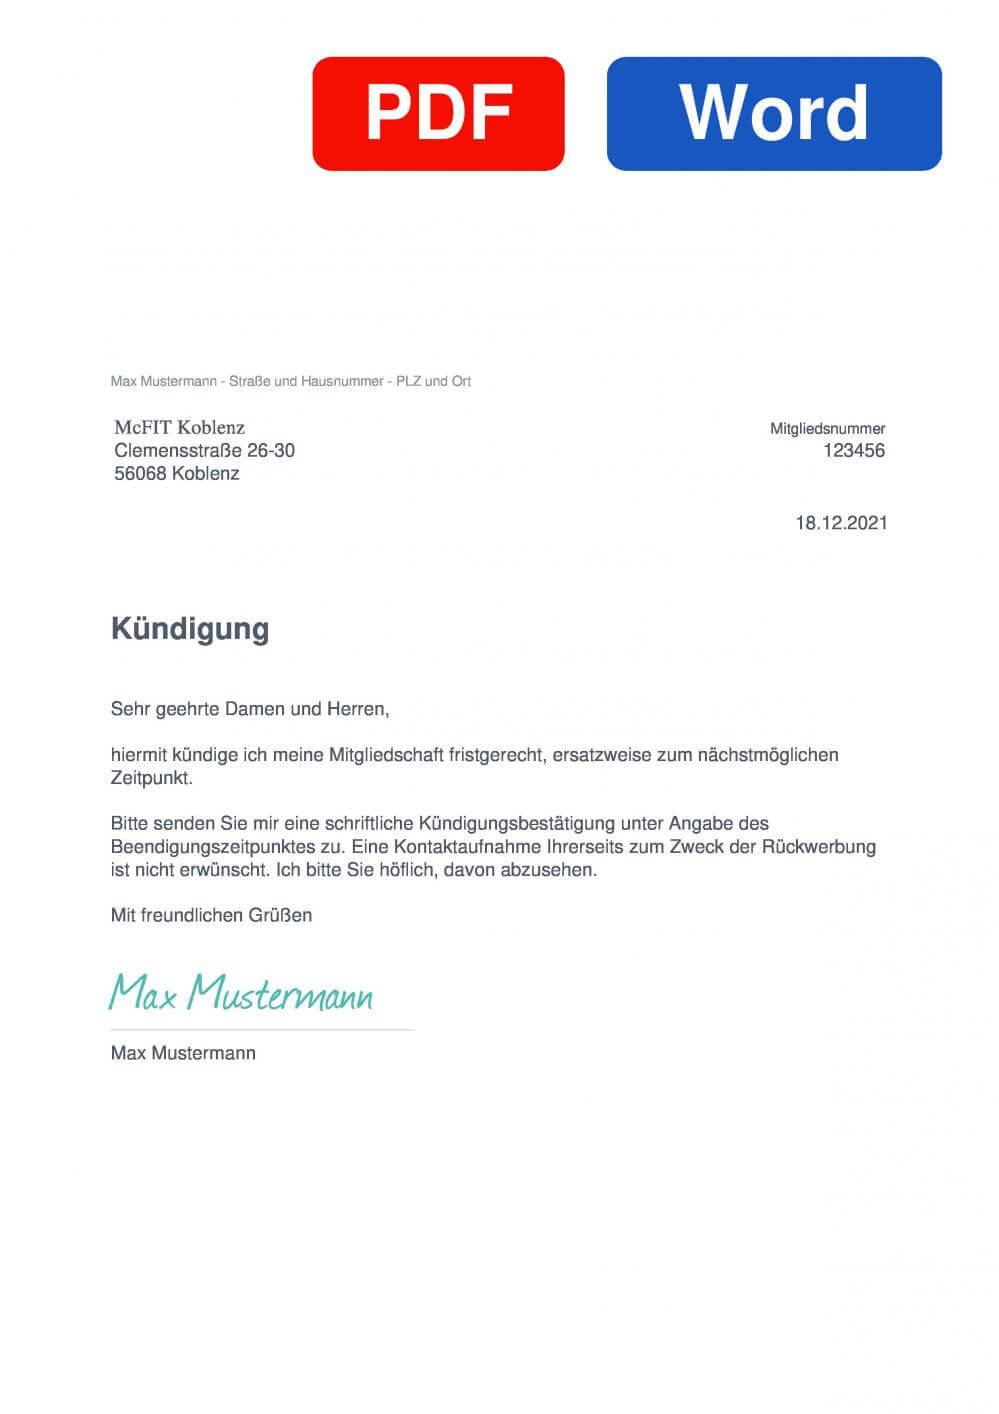 McFIT Koblenz Muster Vorlage für Kündigungsschreiben